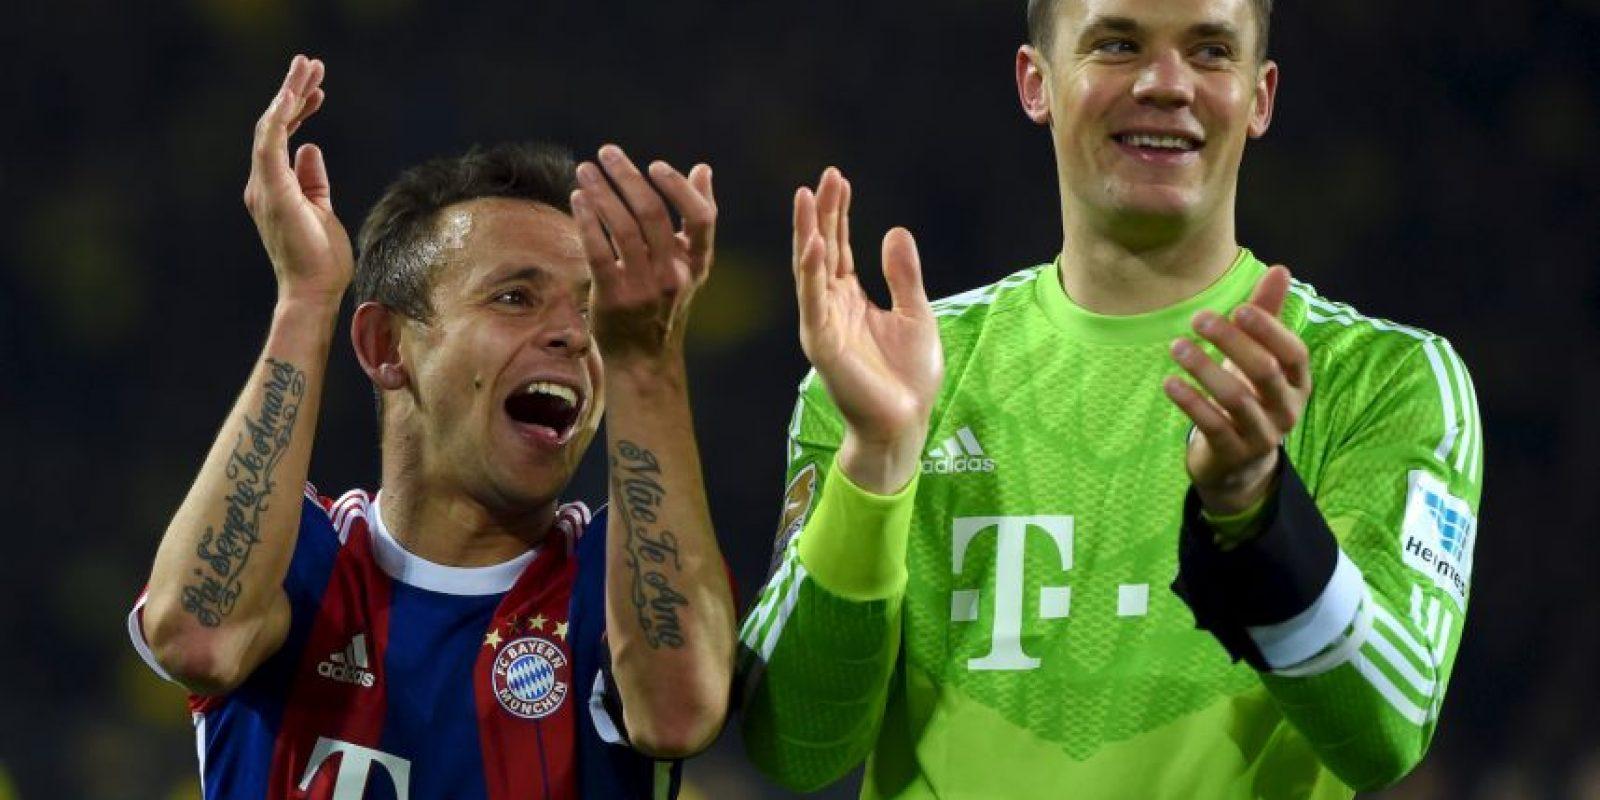 Esto por la gran rivalidad que hay entre el Dortmund y el Munich. Foto:AFP